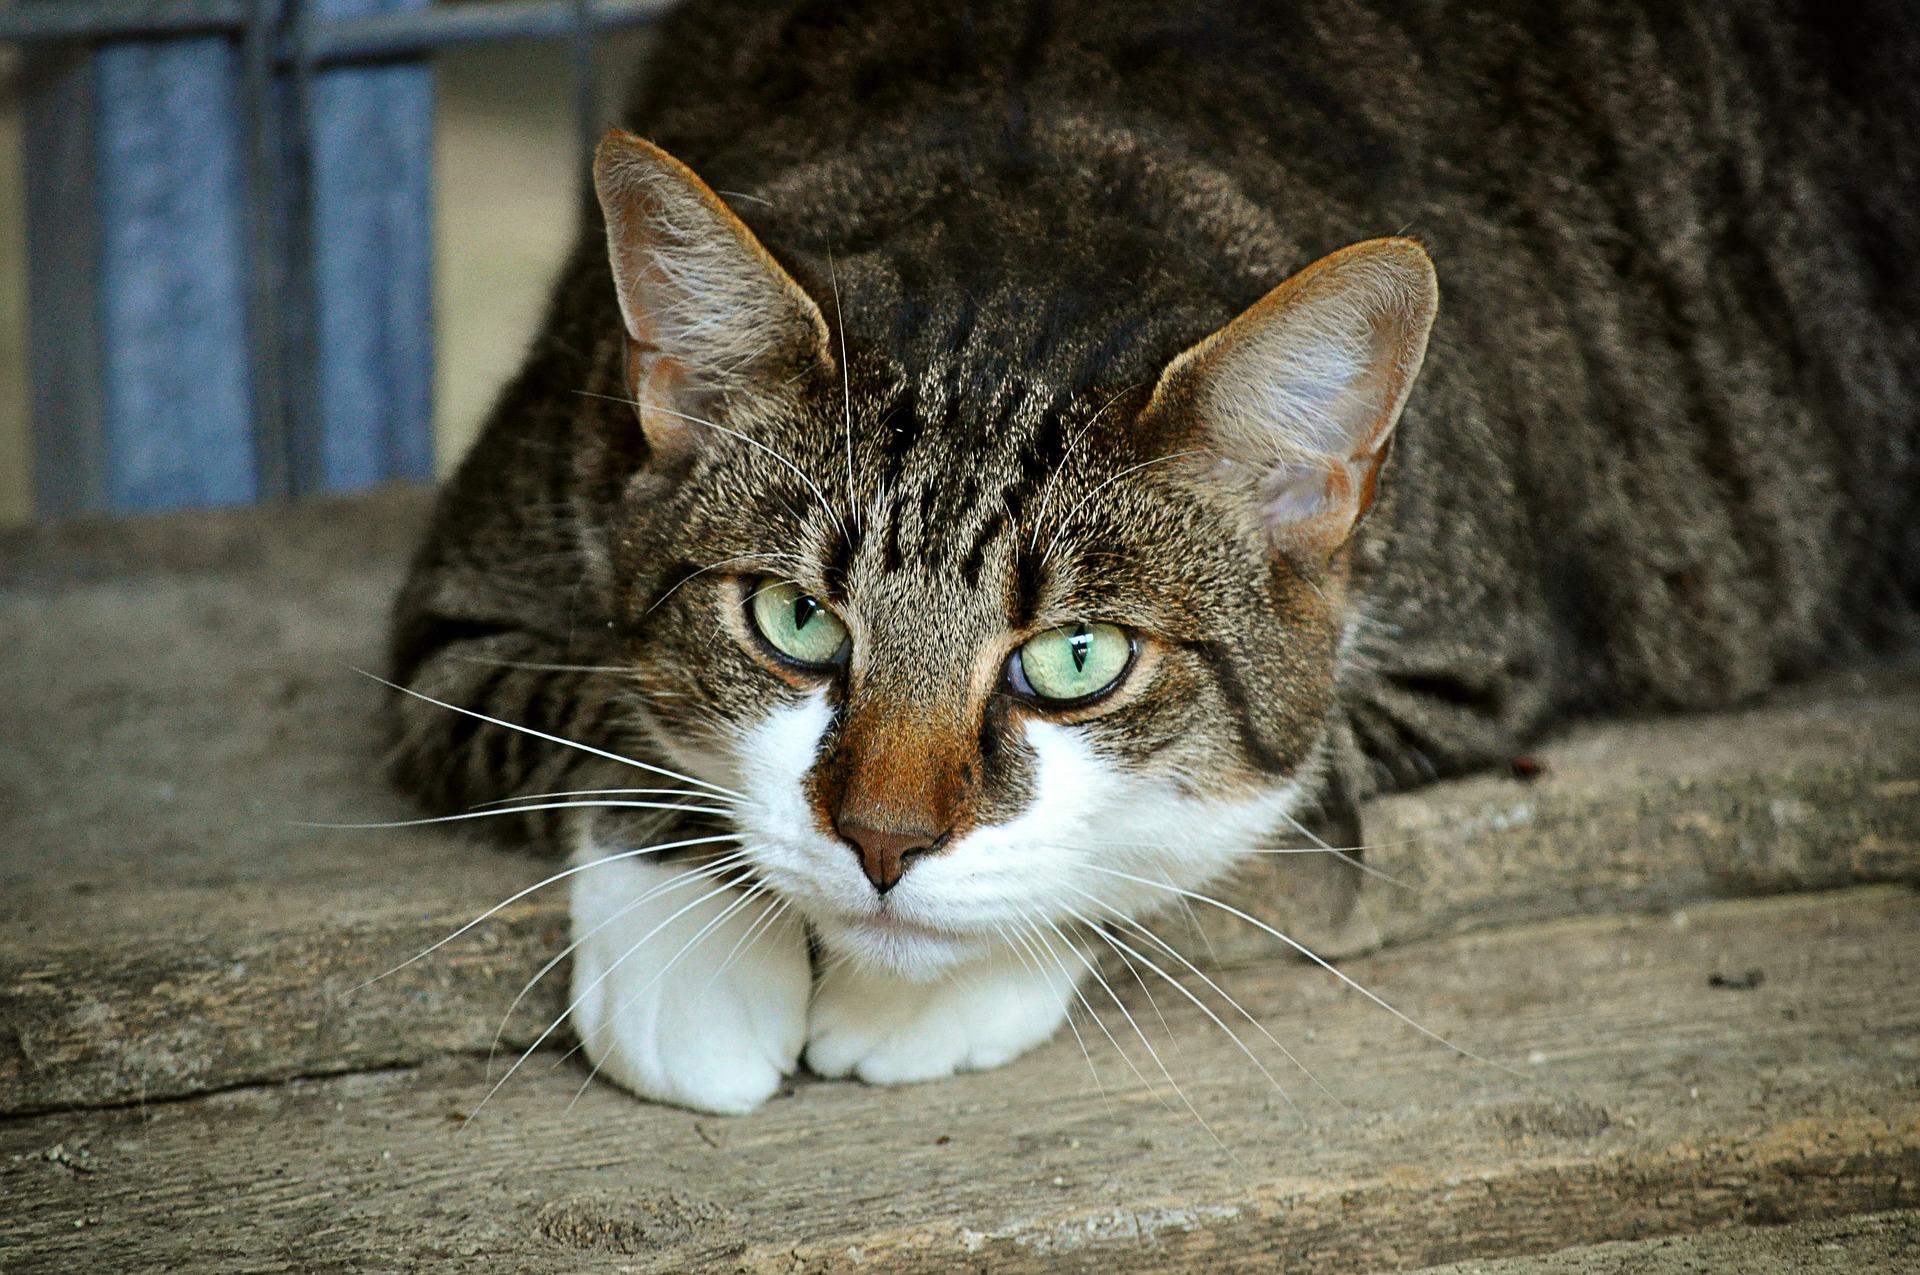 katzenversicherungen sparen tierarztkosten